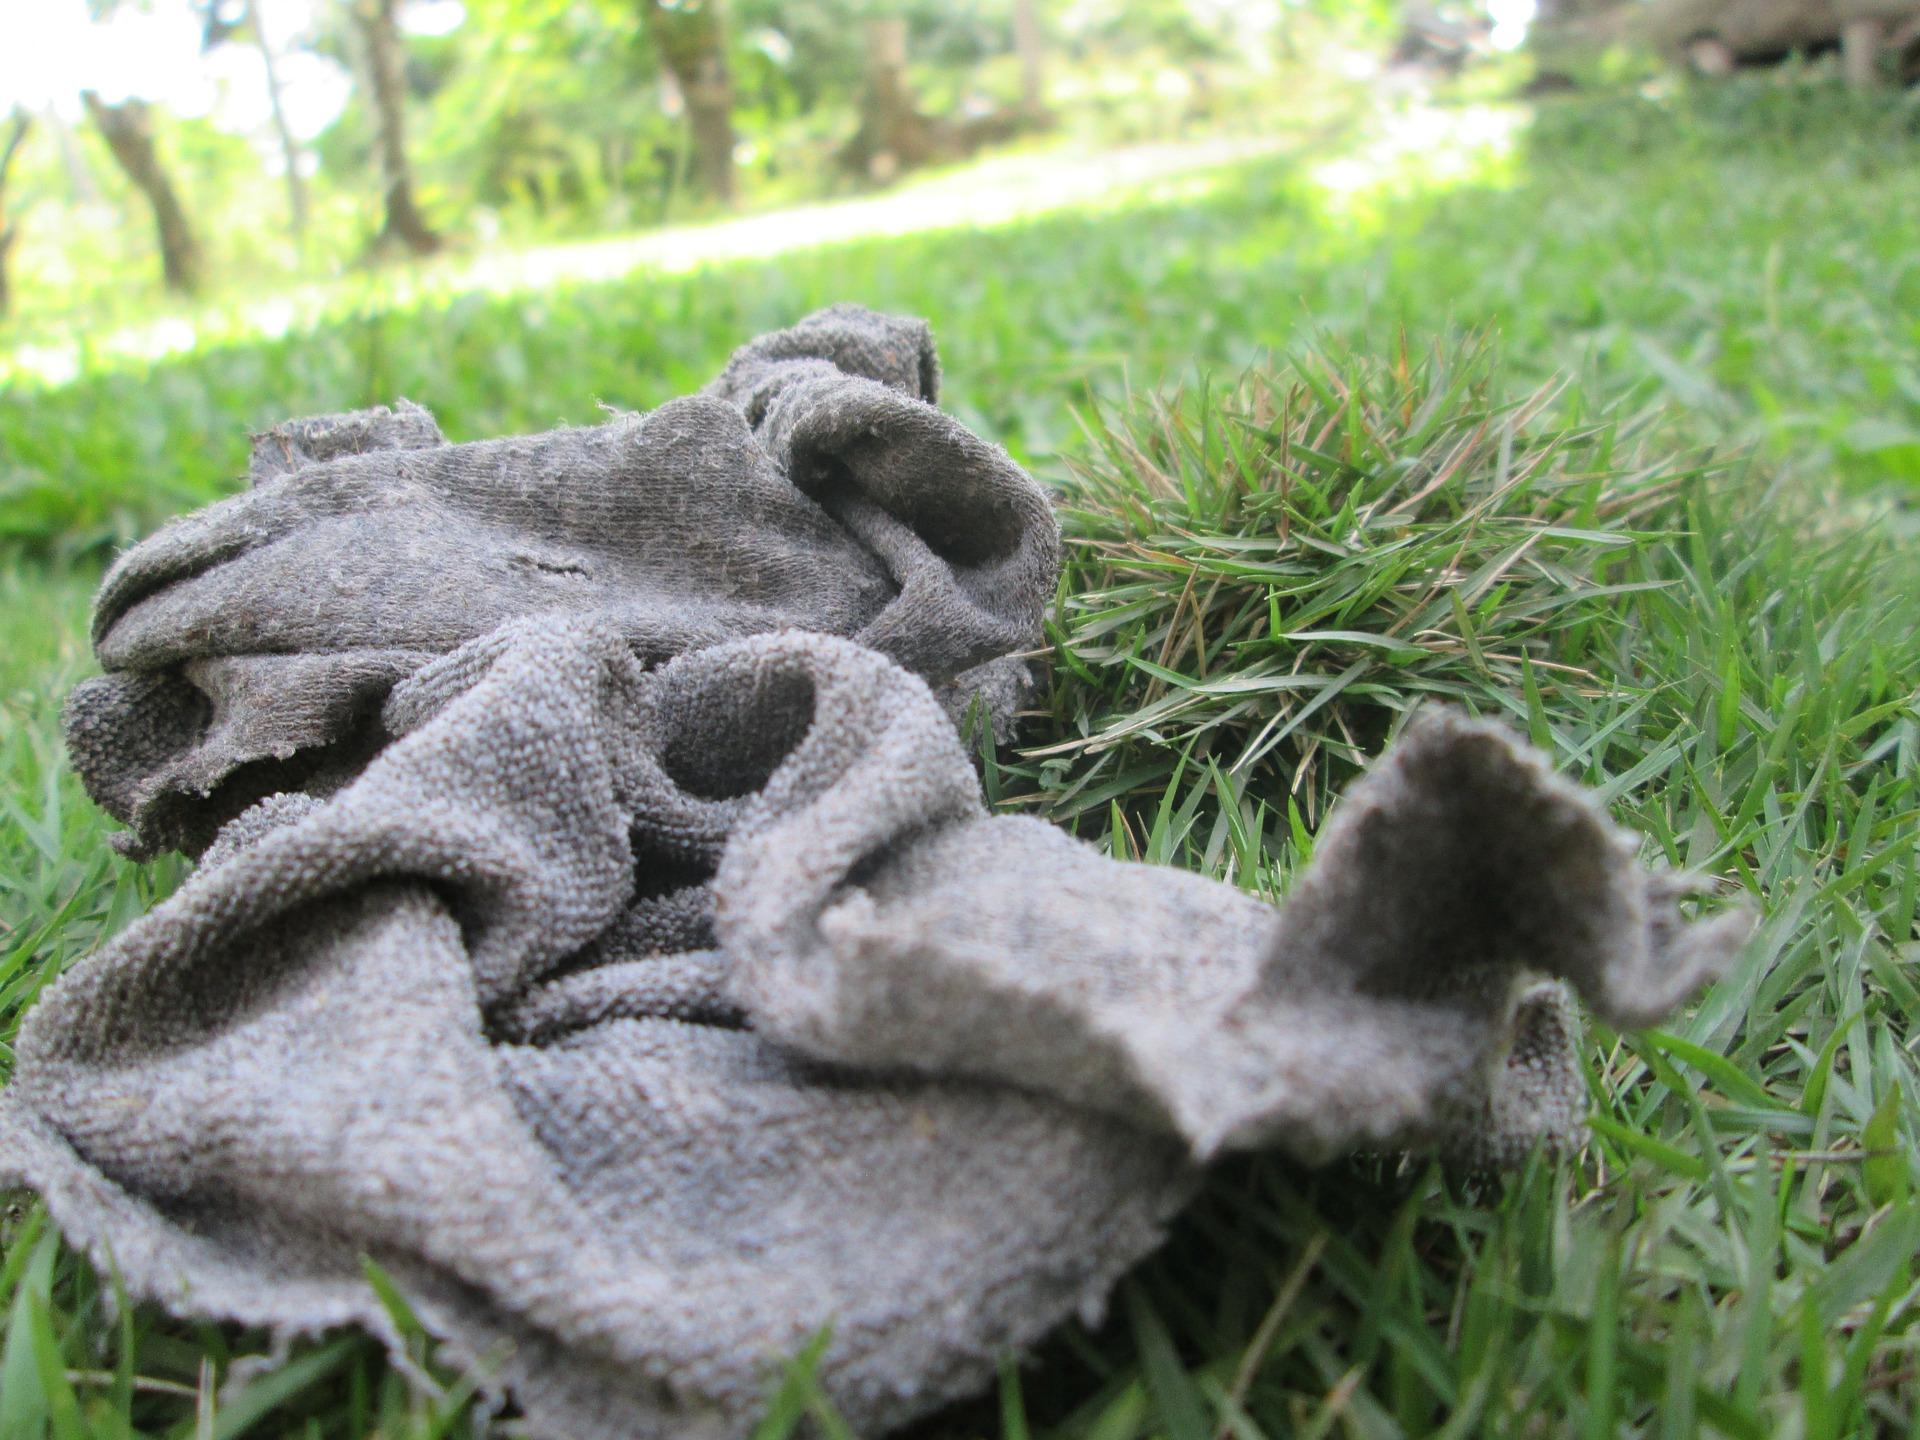 Vyrob si handričky zo starého oblečenia